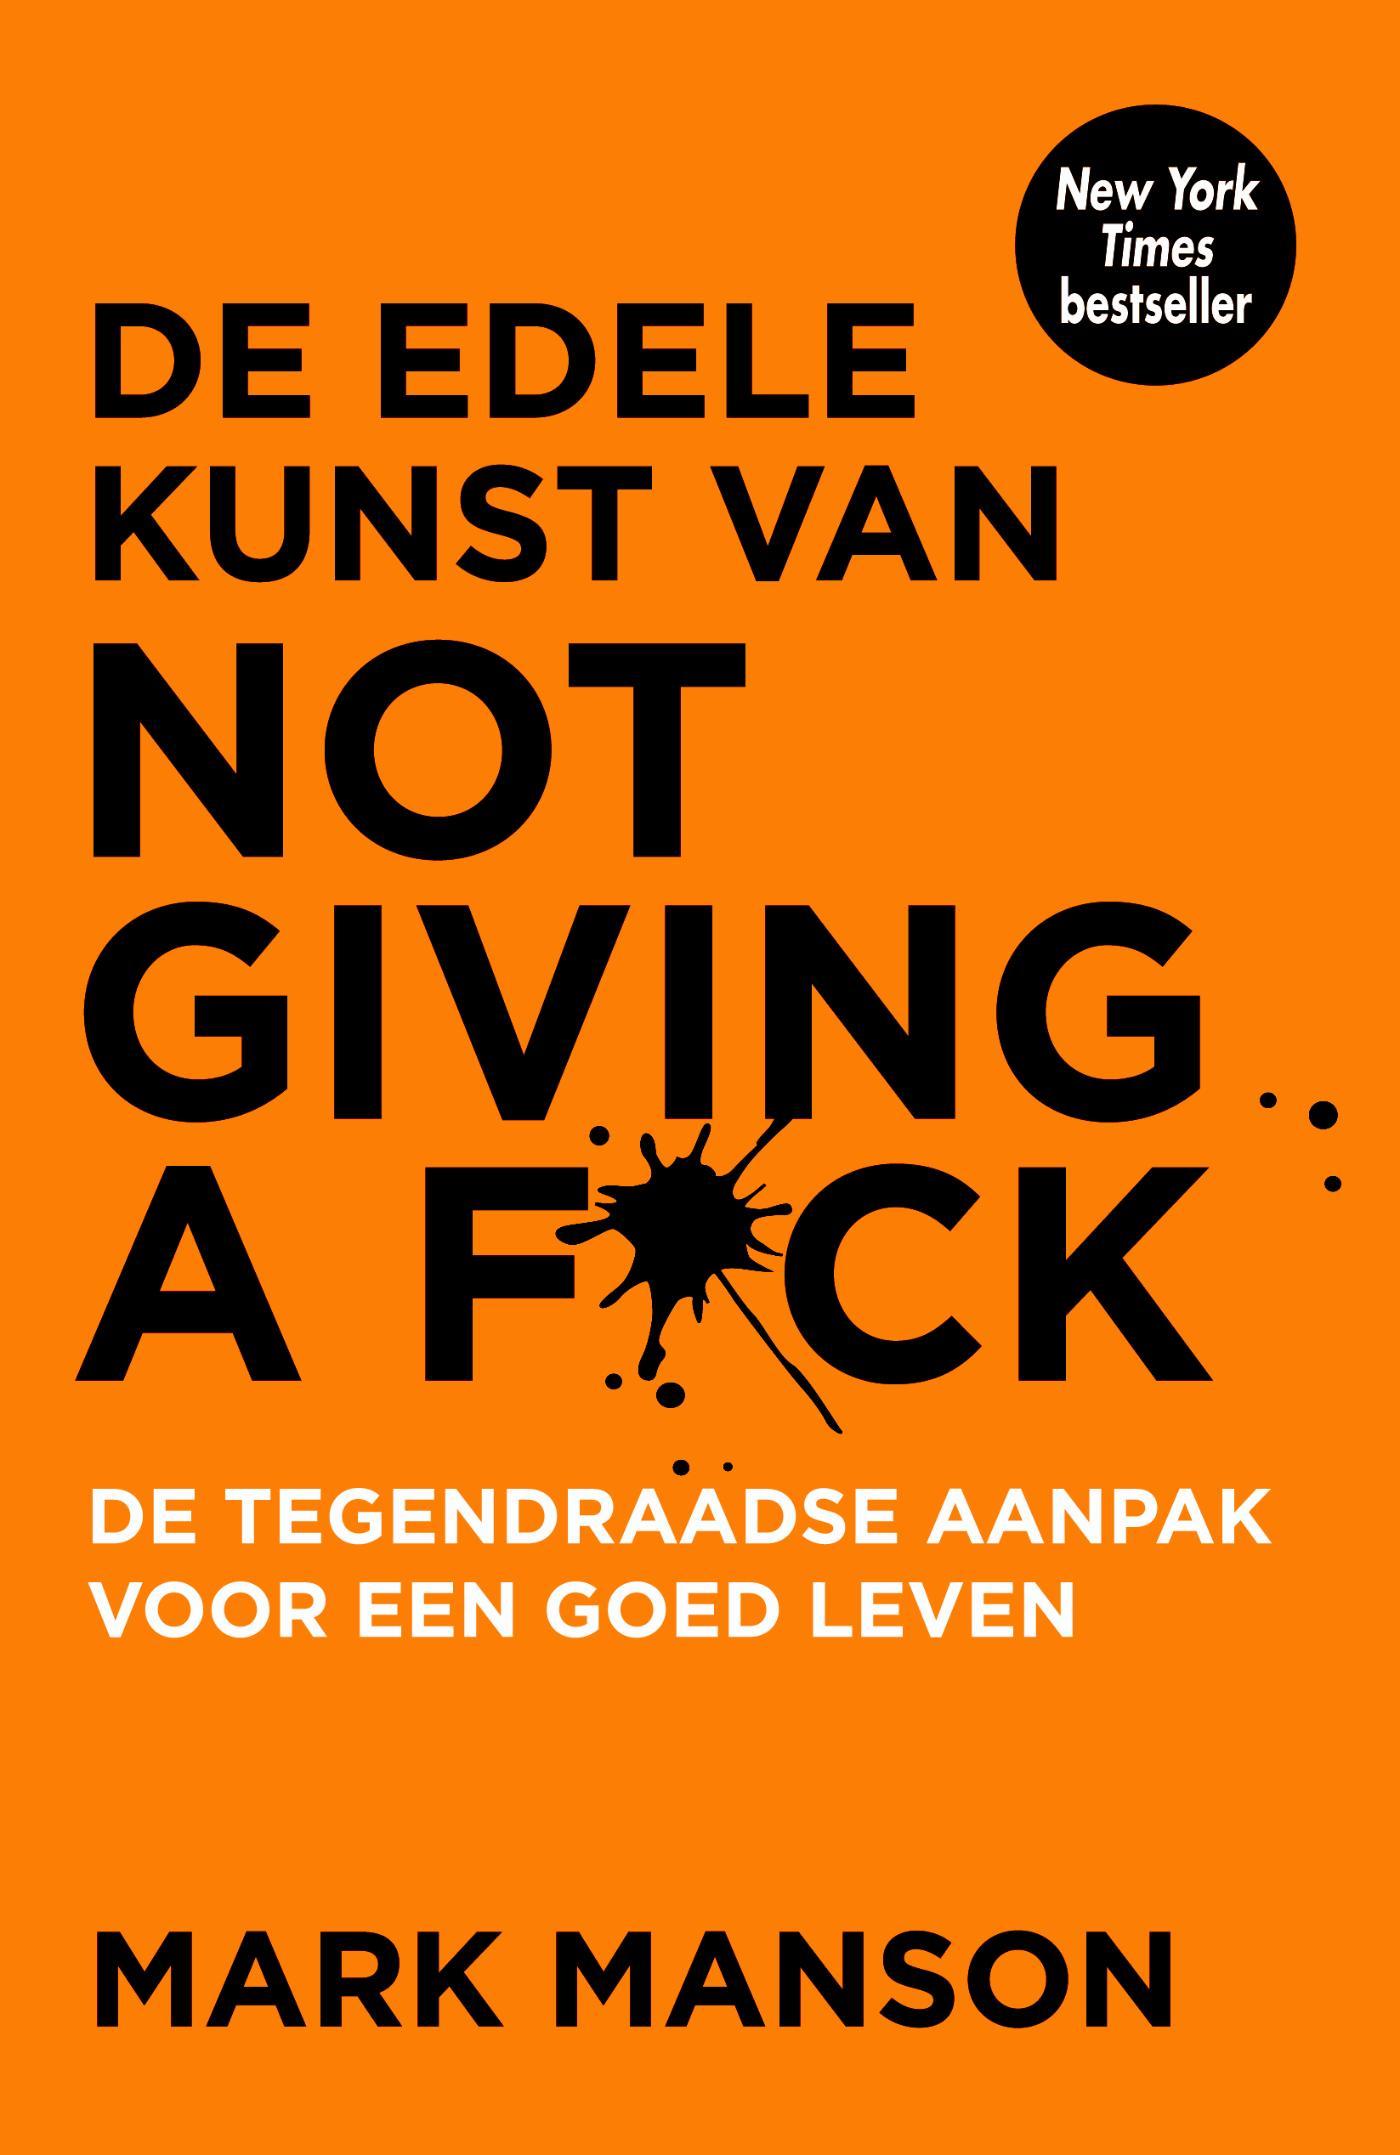 Cover De edele kunst van not giving a f*ck